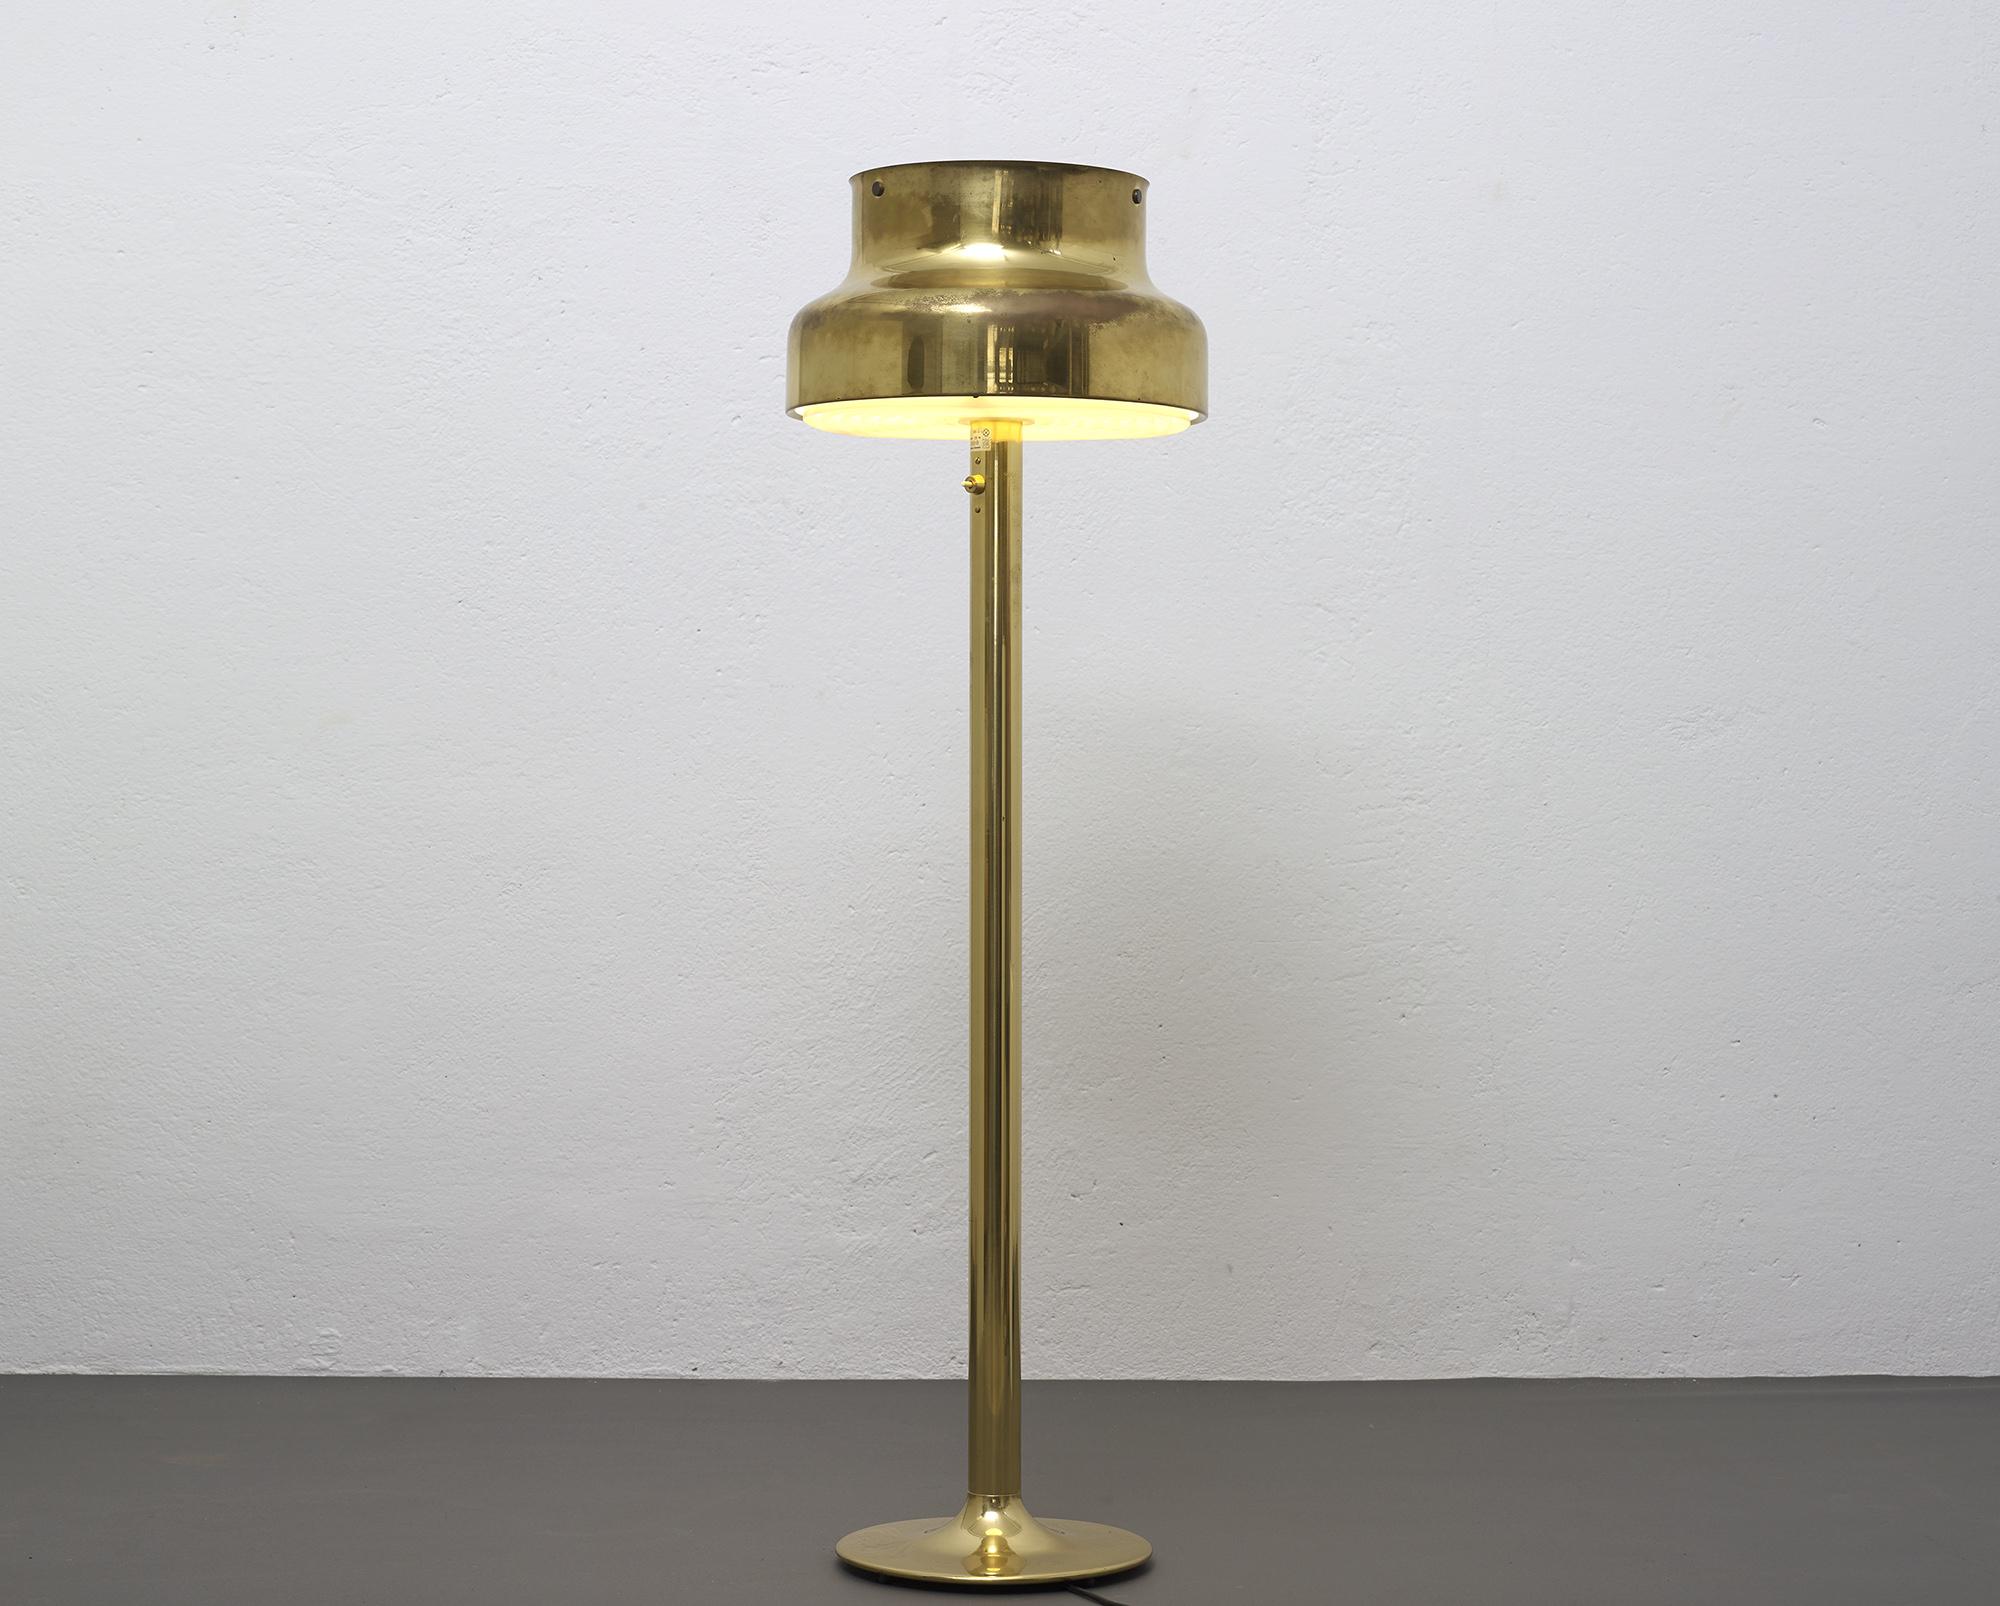 lampe-de-sol-bumling-en-laiton-de-anders-pehrson-1968-image-04